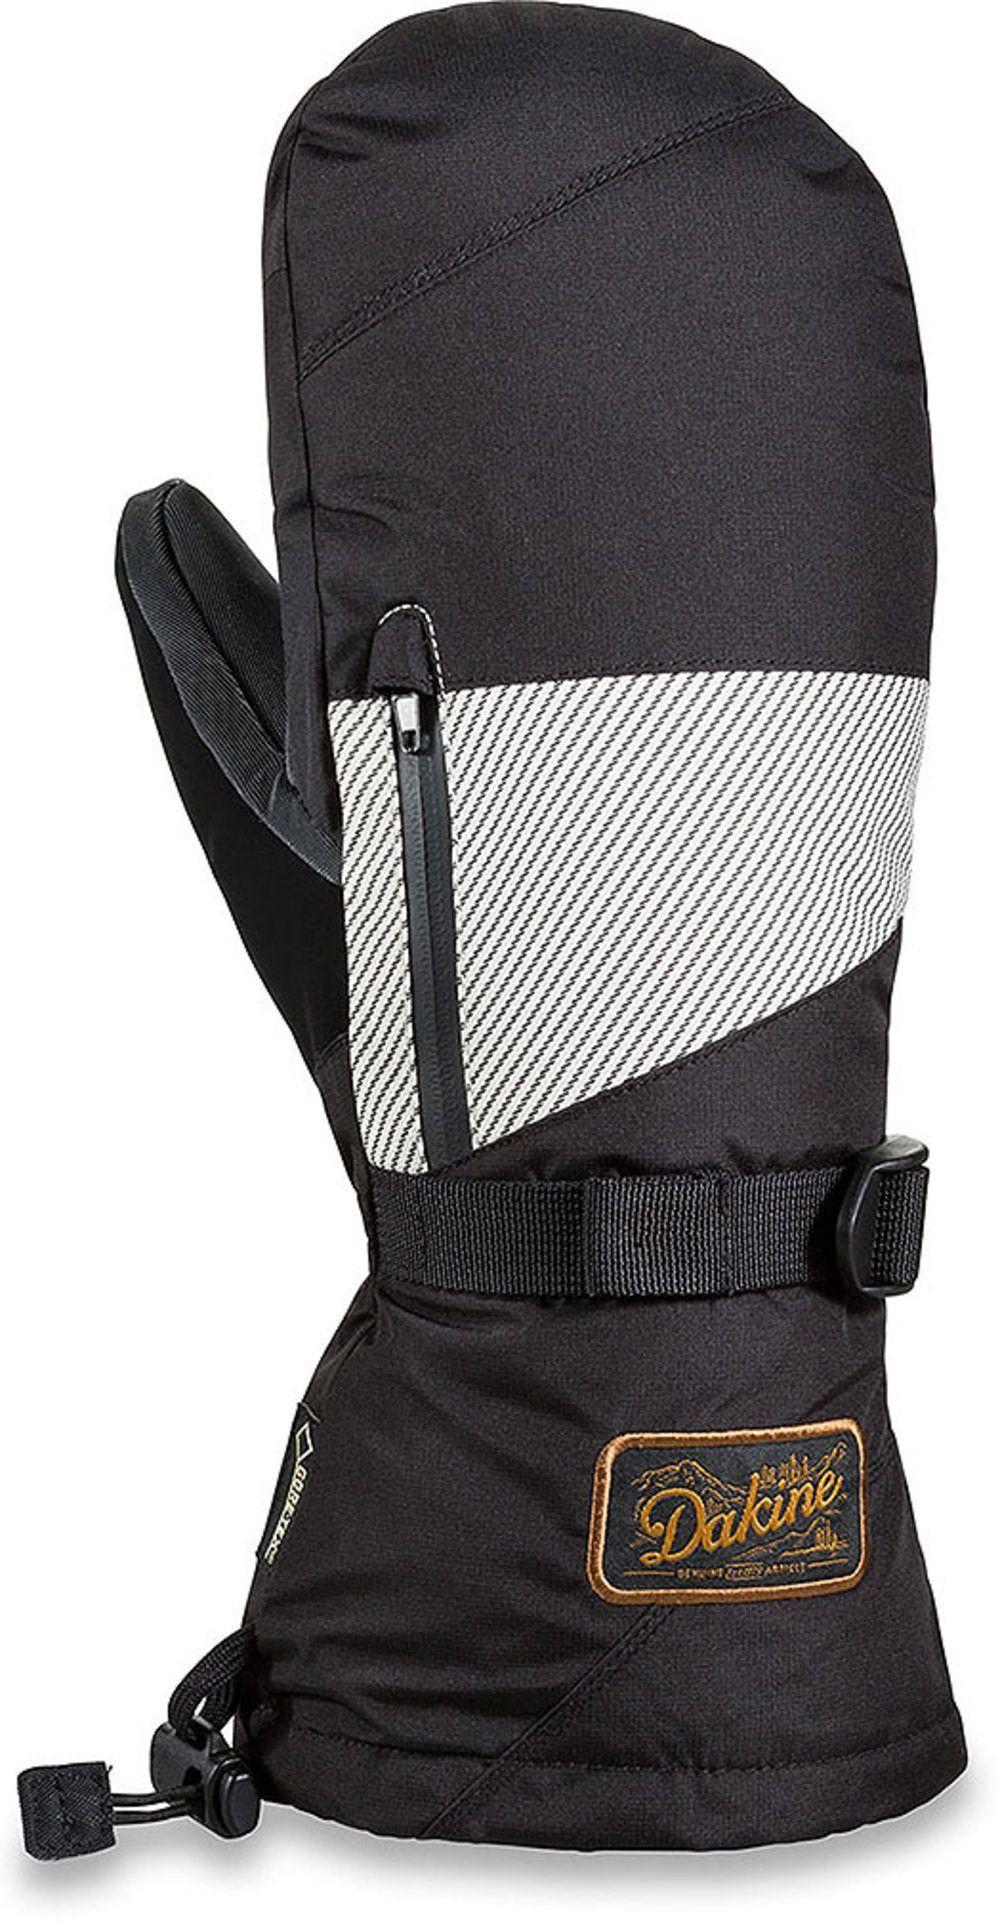 Titan Mitt Gloves by Dakine